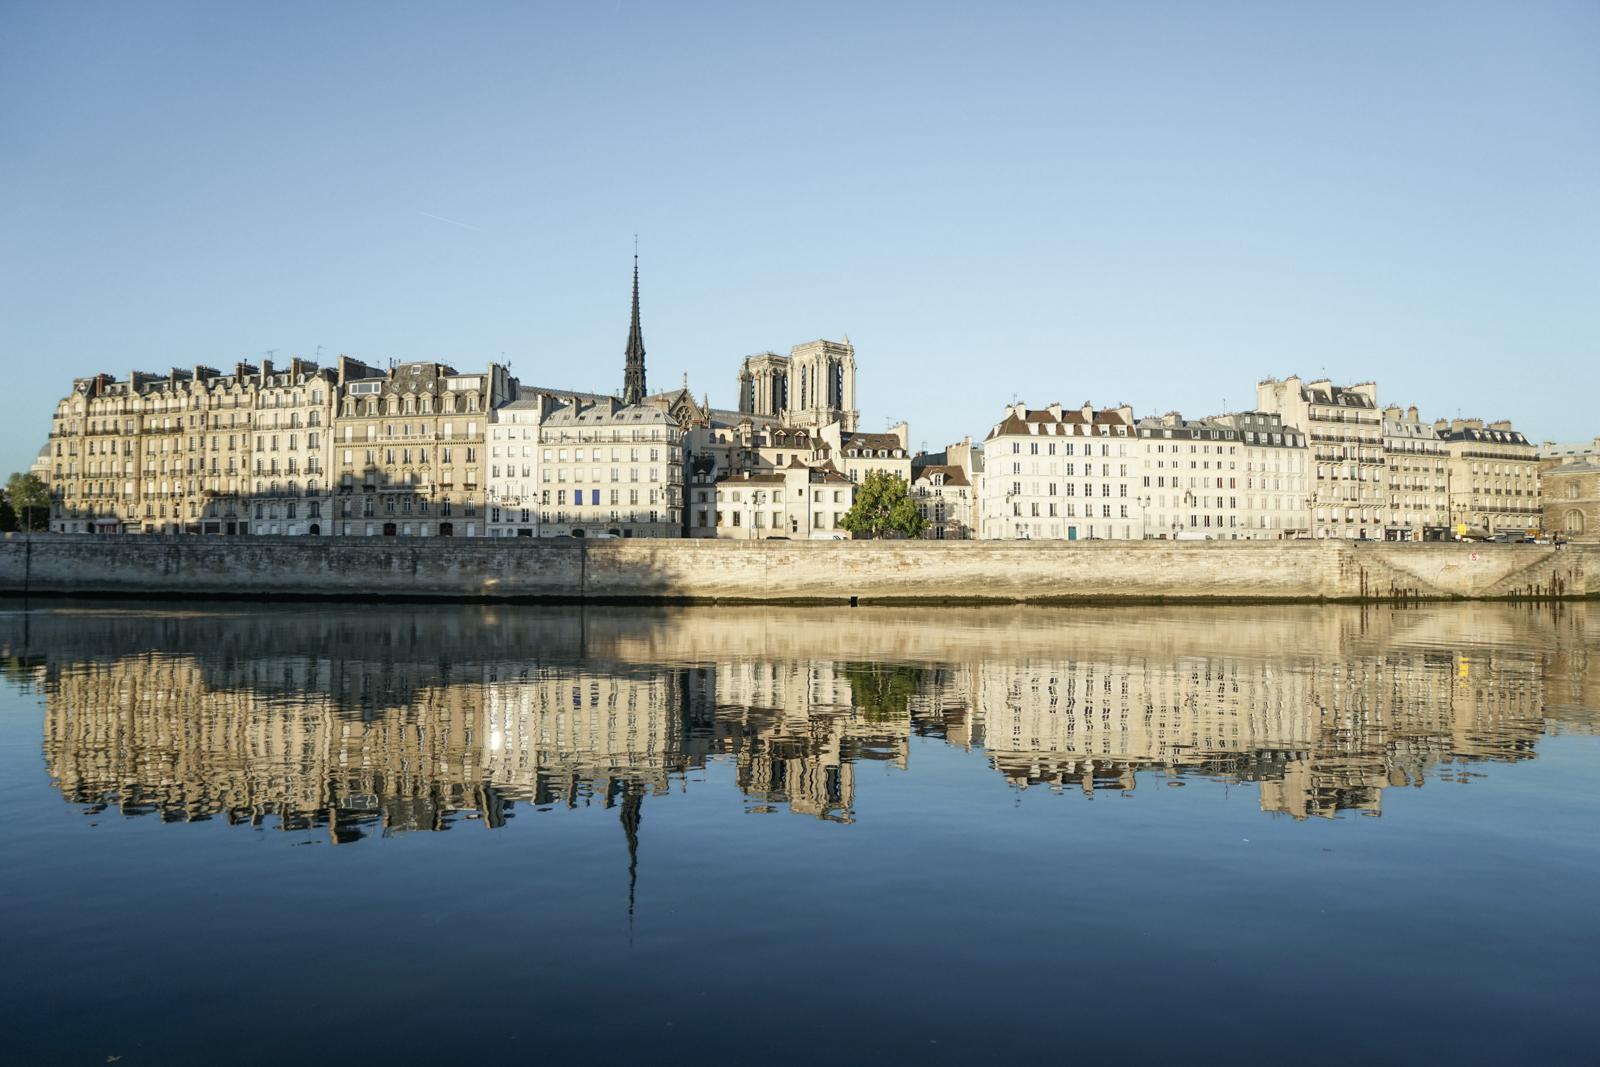 Peaceful Sunday morning and a reflection of La Ile de la Cité